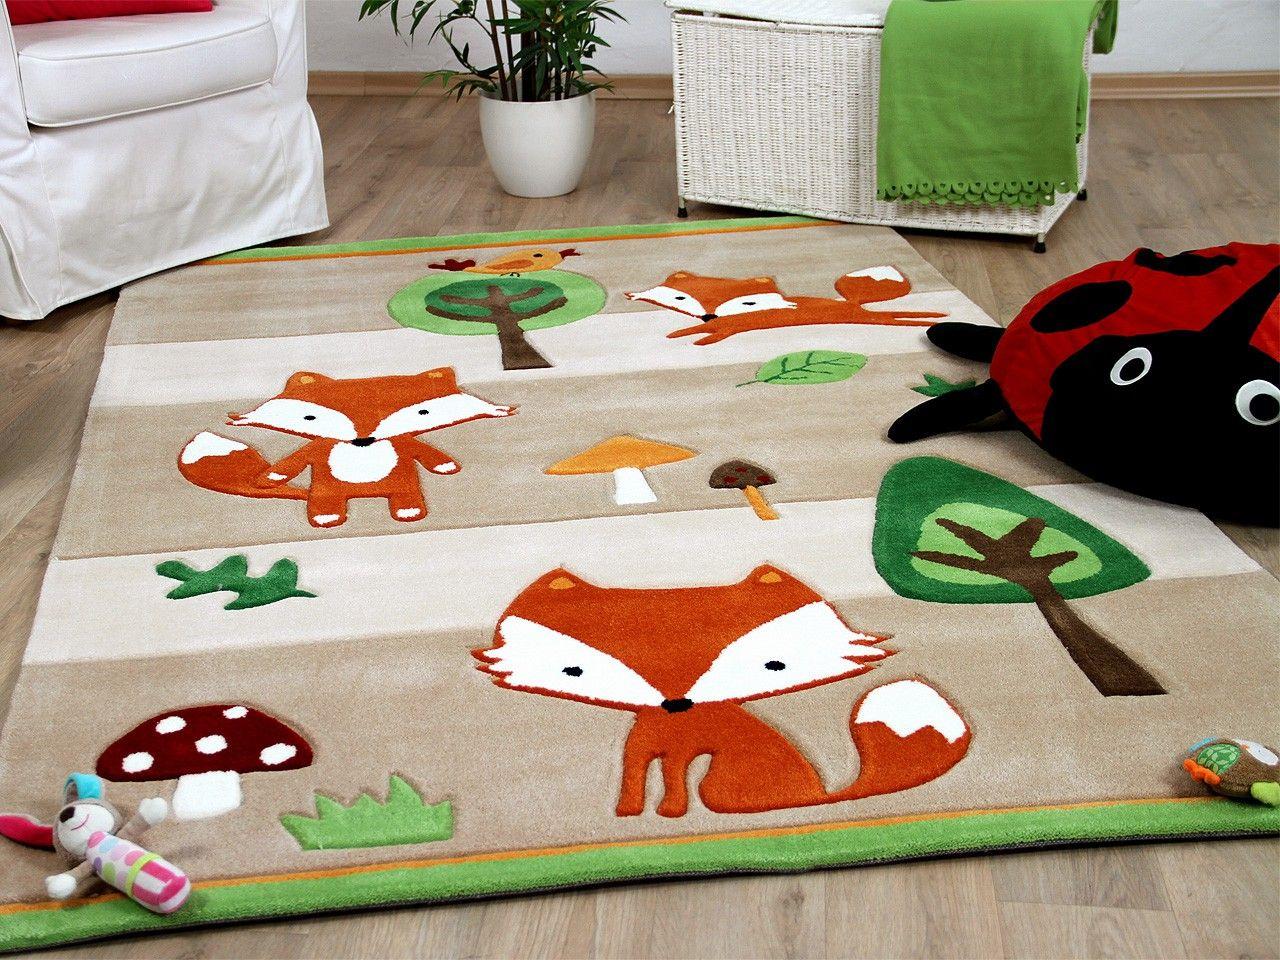 Full Size of Teppiche Kinderzimmer Lifestyle Kinderteppich Fchse Beige Und Regal Sofa Weiß Wohnzimmer Regale Kinderzimmer Teppiche Kinderzimmer